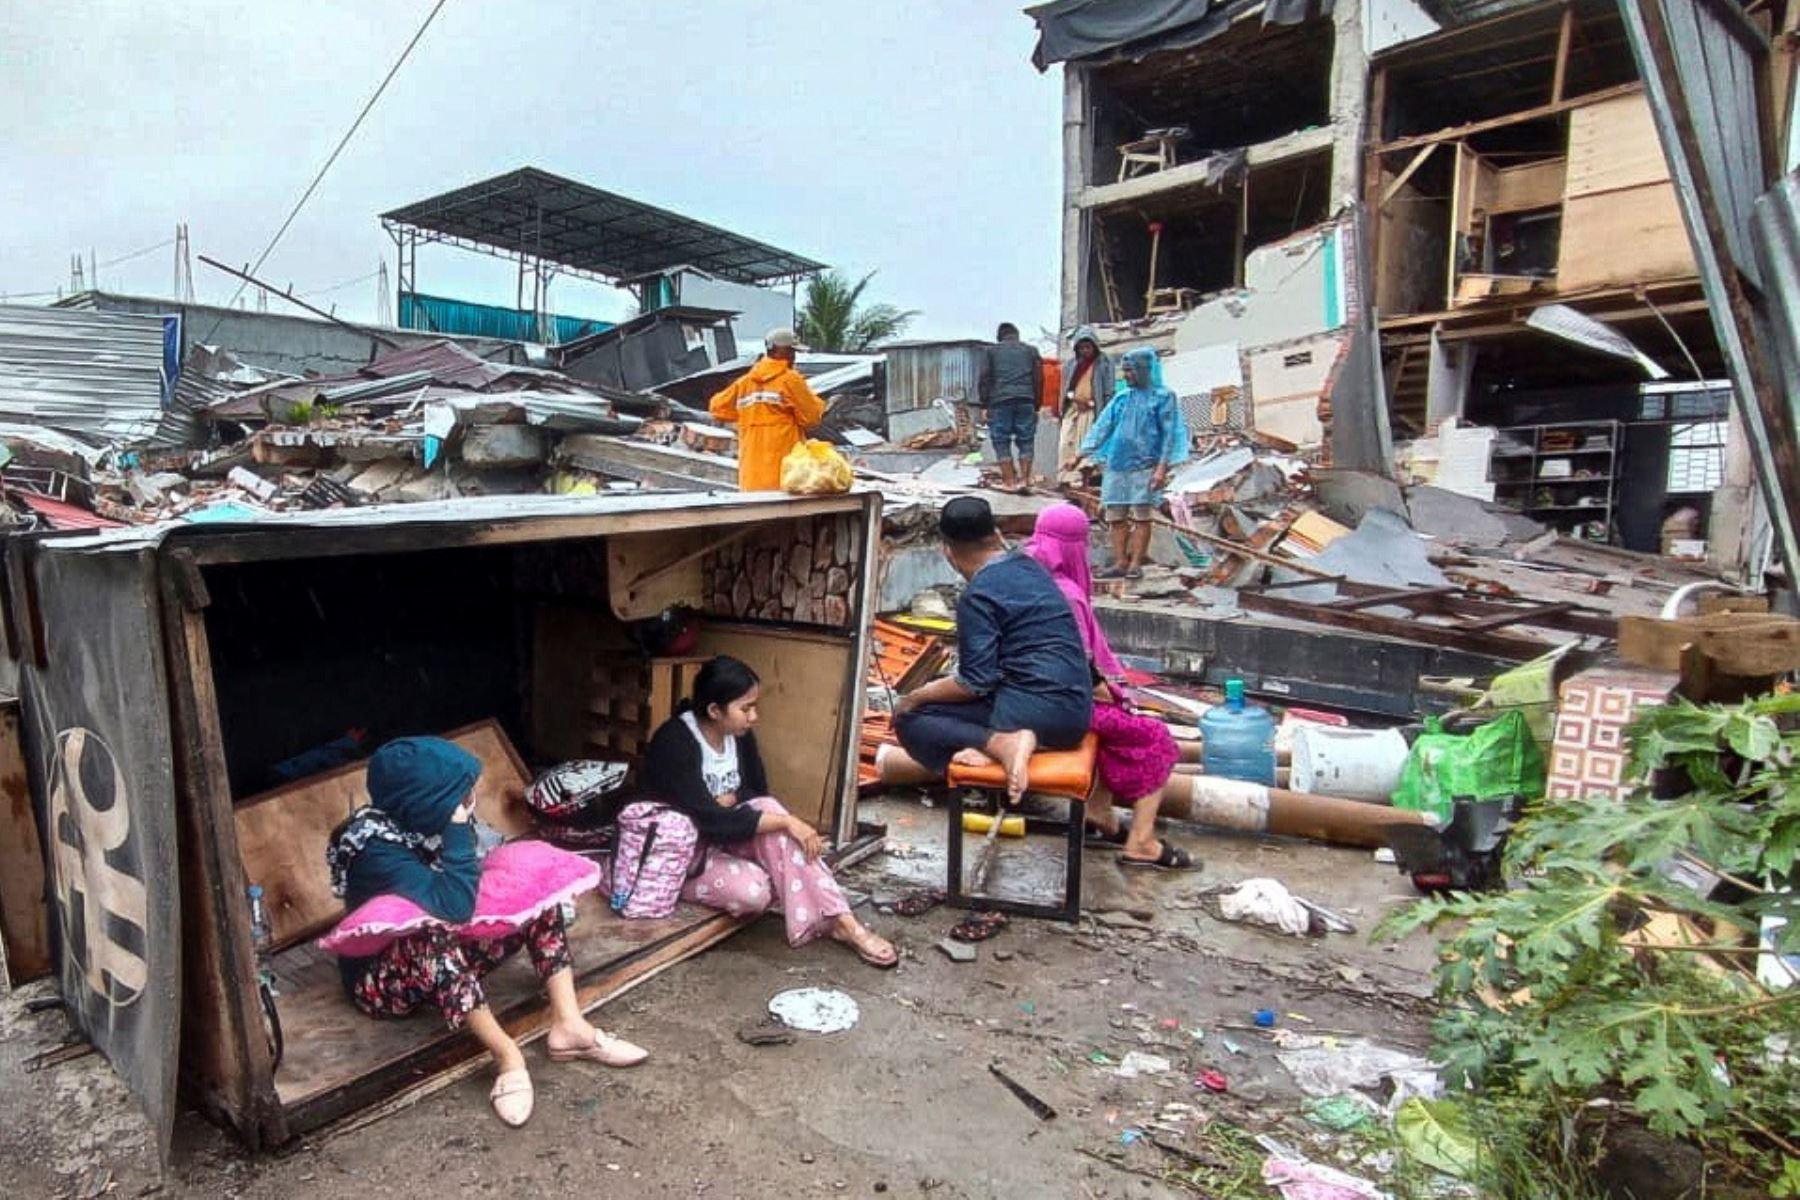 Personas sentadas dentro de una caja de madera frente a casas derrumbadas tras un terremoto de magnitud 6,2 en Mamuju, West Sulawesi, Indonesia, Al menos 42 personas murieron y decenas más resultaron heridas después de que un terremoto de 6.2 sacudiera la isla de Sulawesi.   Foto: EFE